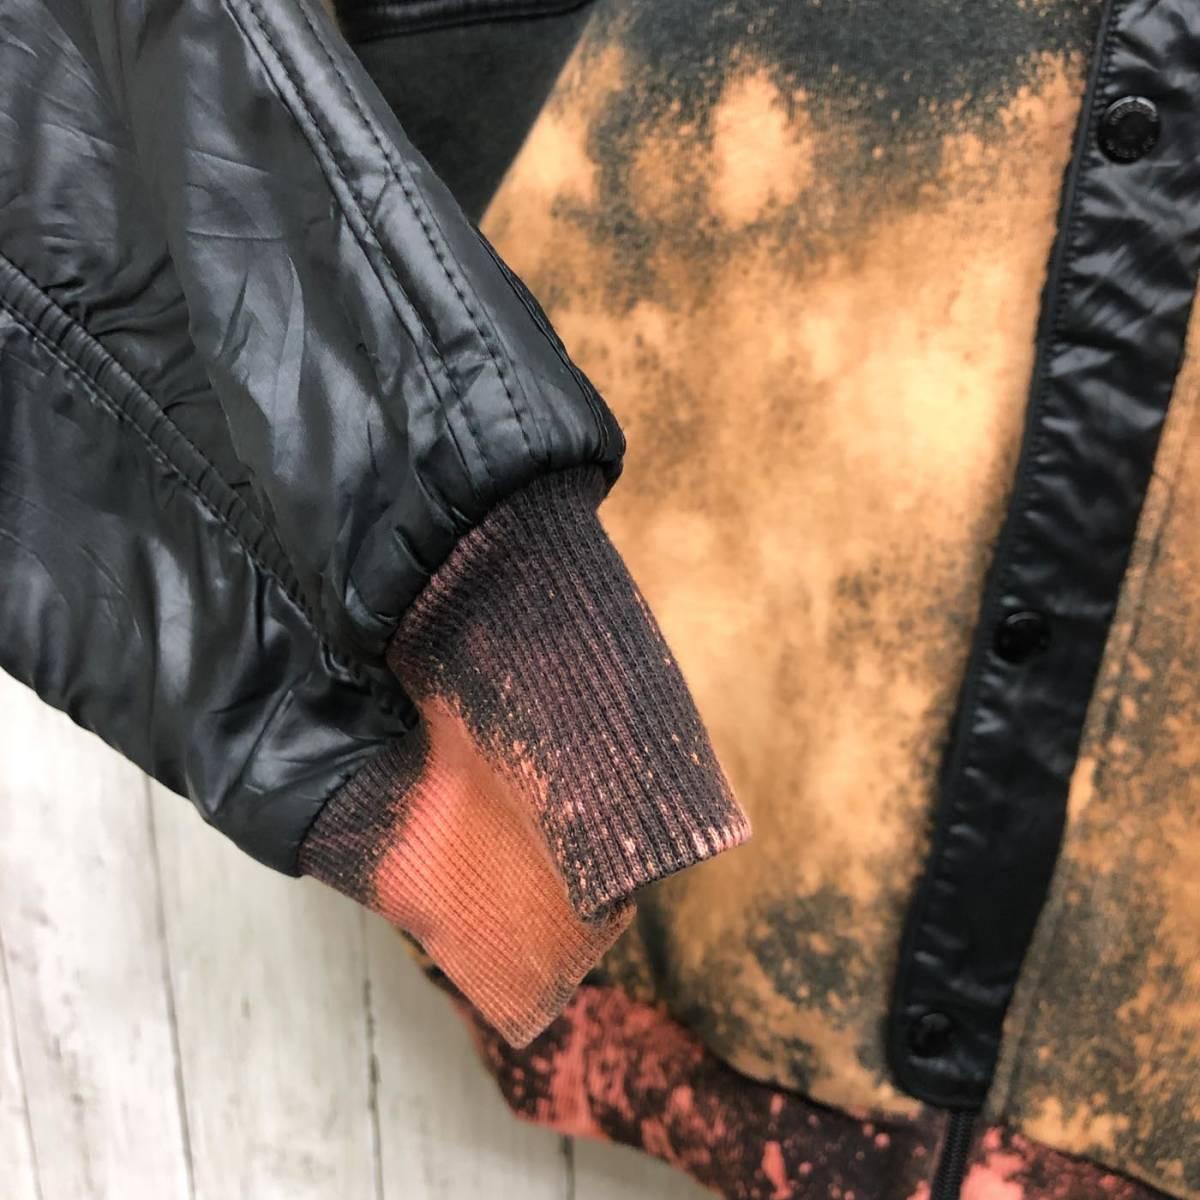 アディダス adidas ジャケット ジャージ スウェット ウィンドブレーカー ダウン 中綿 ブラック MA-1 ブルゾン メンズ Lサイズ 6-29_画像6